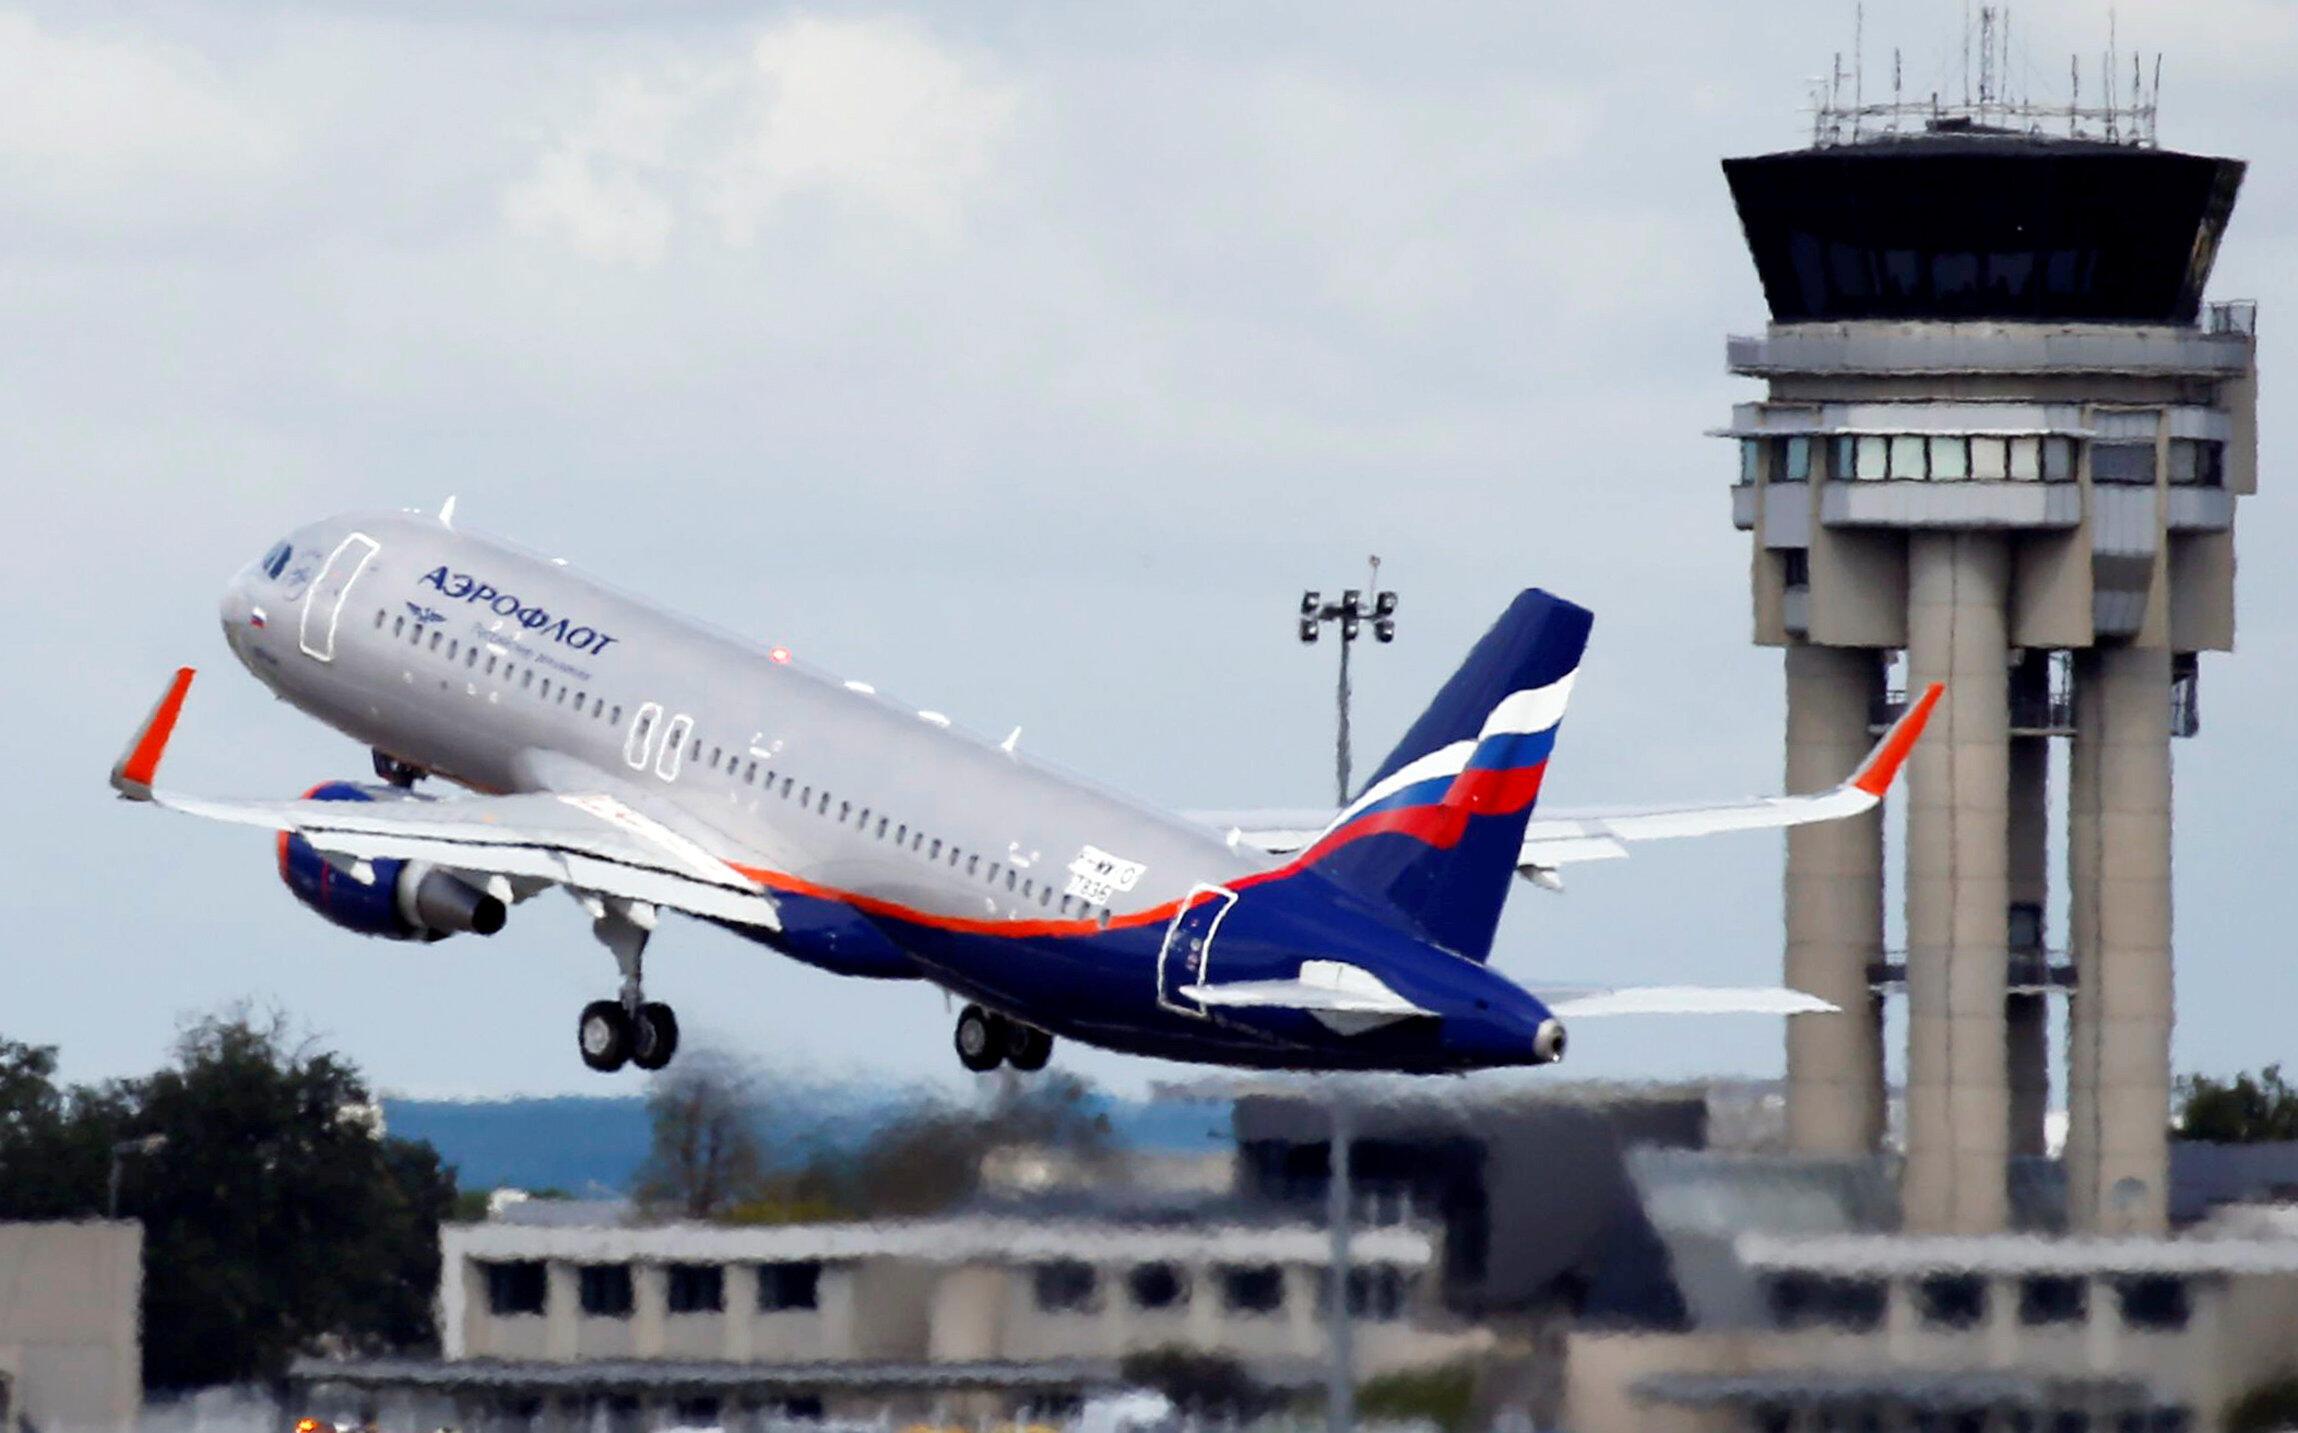 Речь о перелетах между Москвой и Парижем, Москвой и Ниццей, по маршруту Санкт-Петербург - Париж и Санкт-Петербург - Ницца.